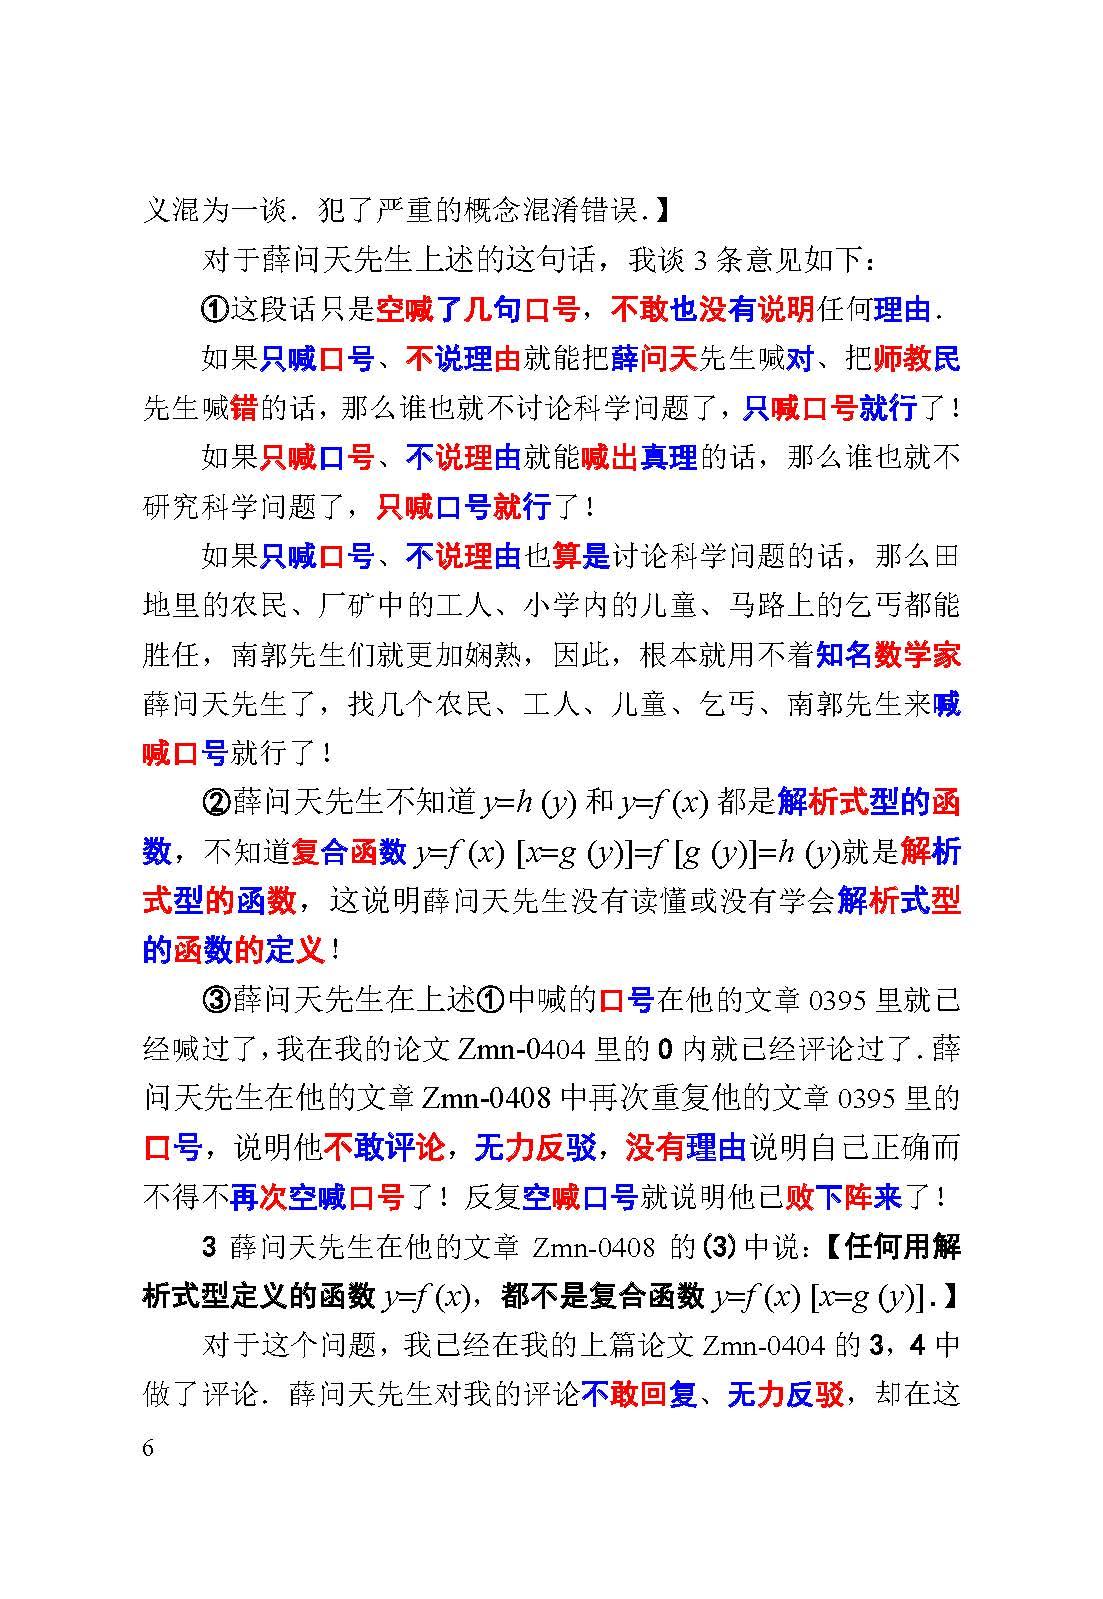 评薛问天先生的文章0408_页面_06.jpg